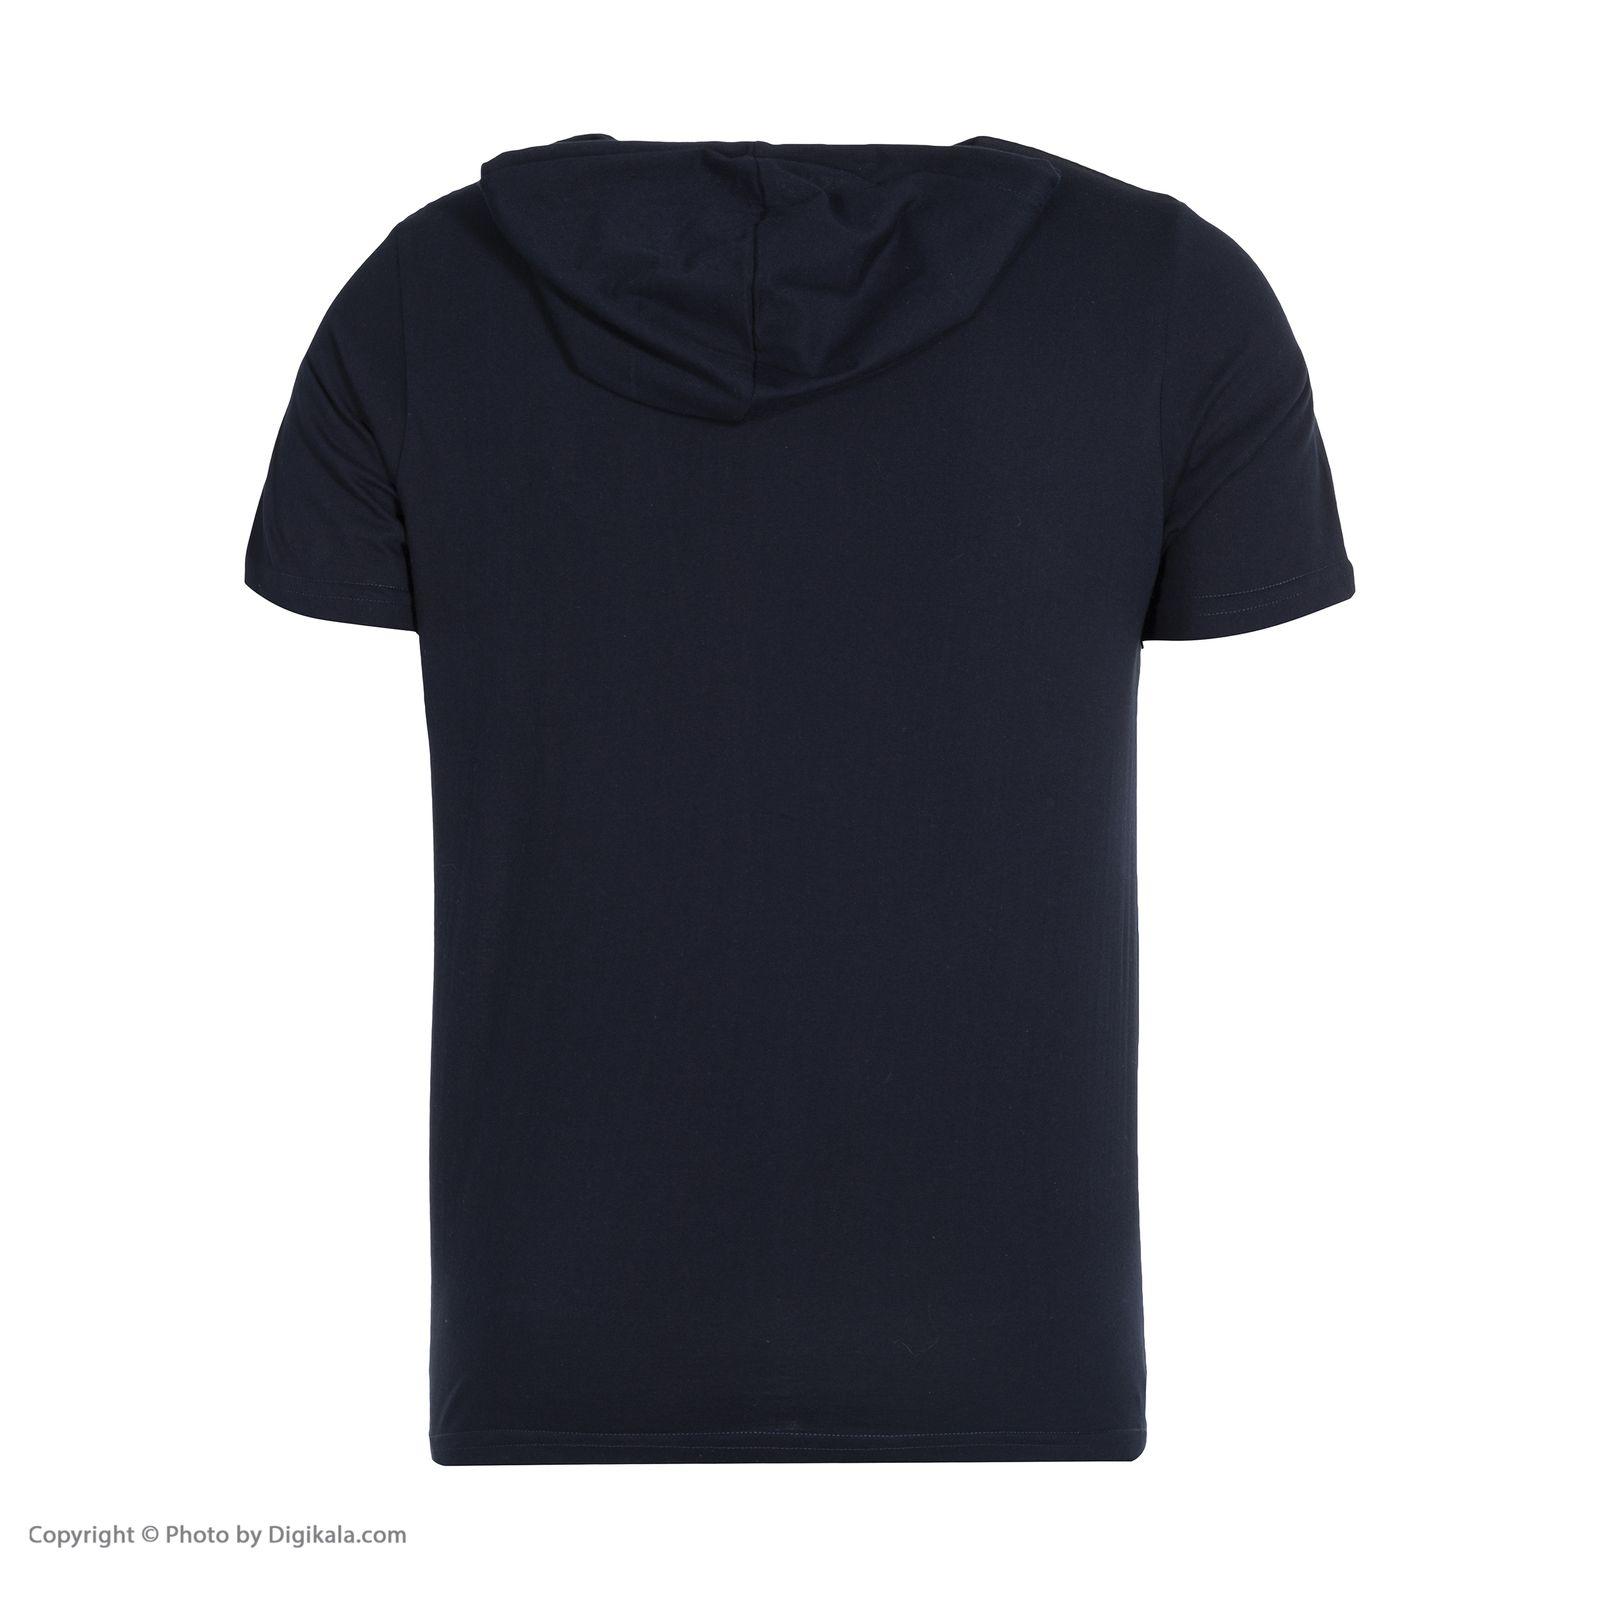 تی شرت آستین کوتاه مردانه باینت کد 371 main 1 3